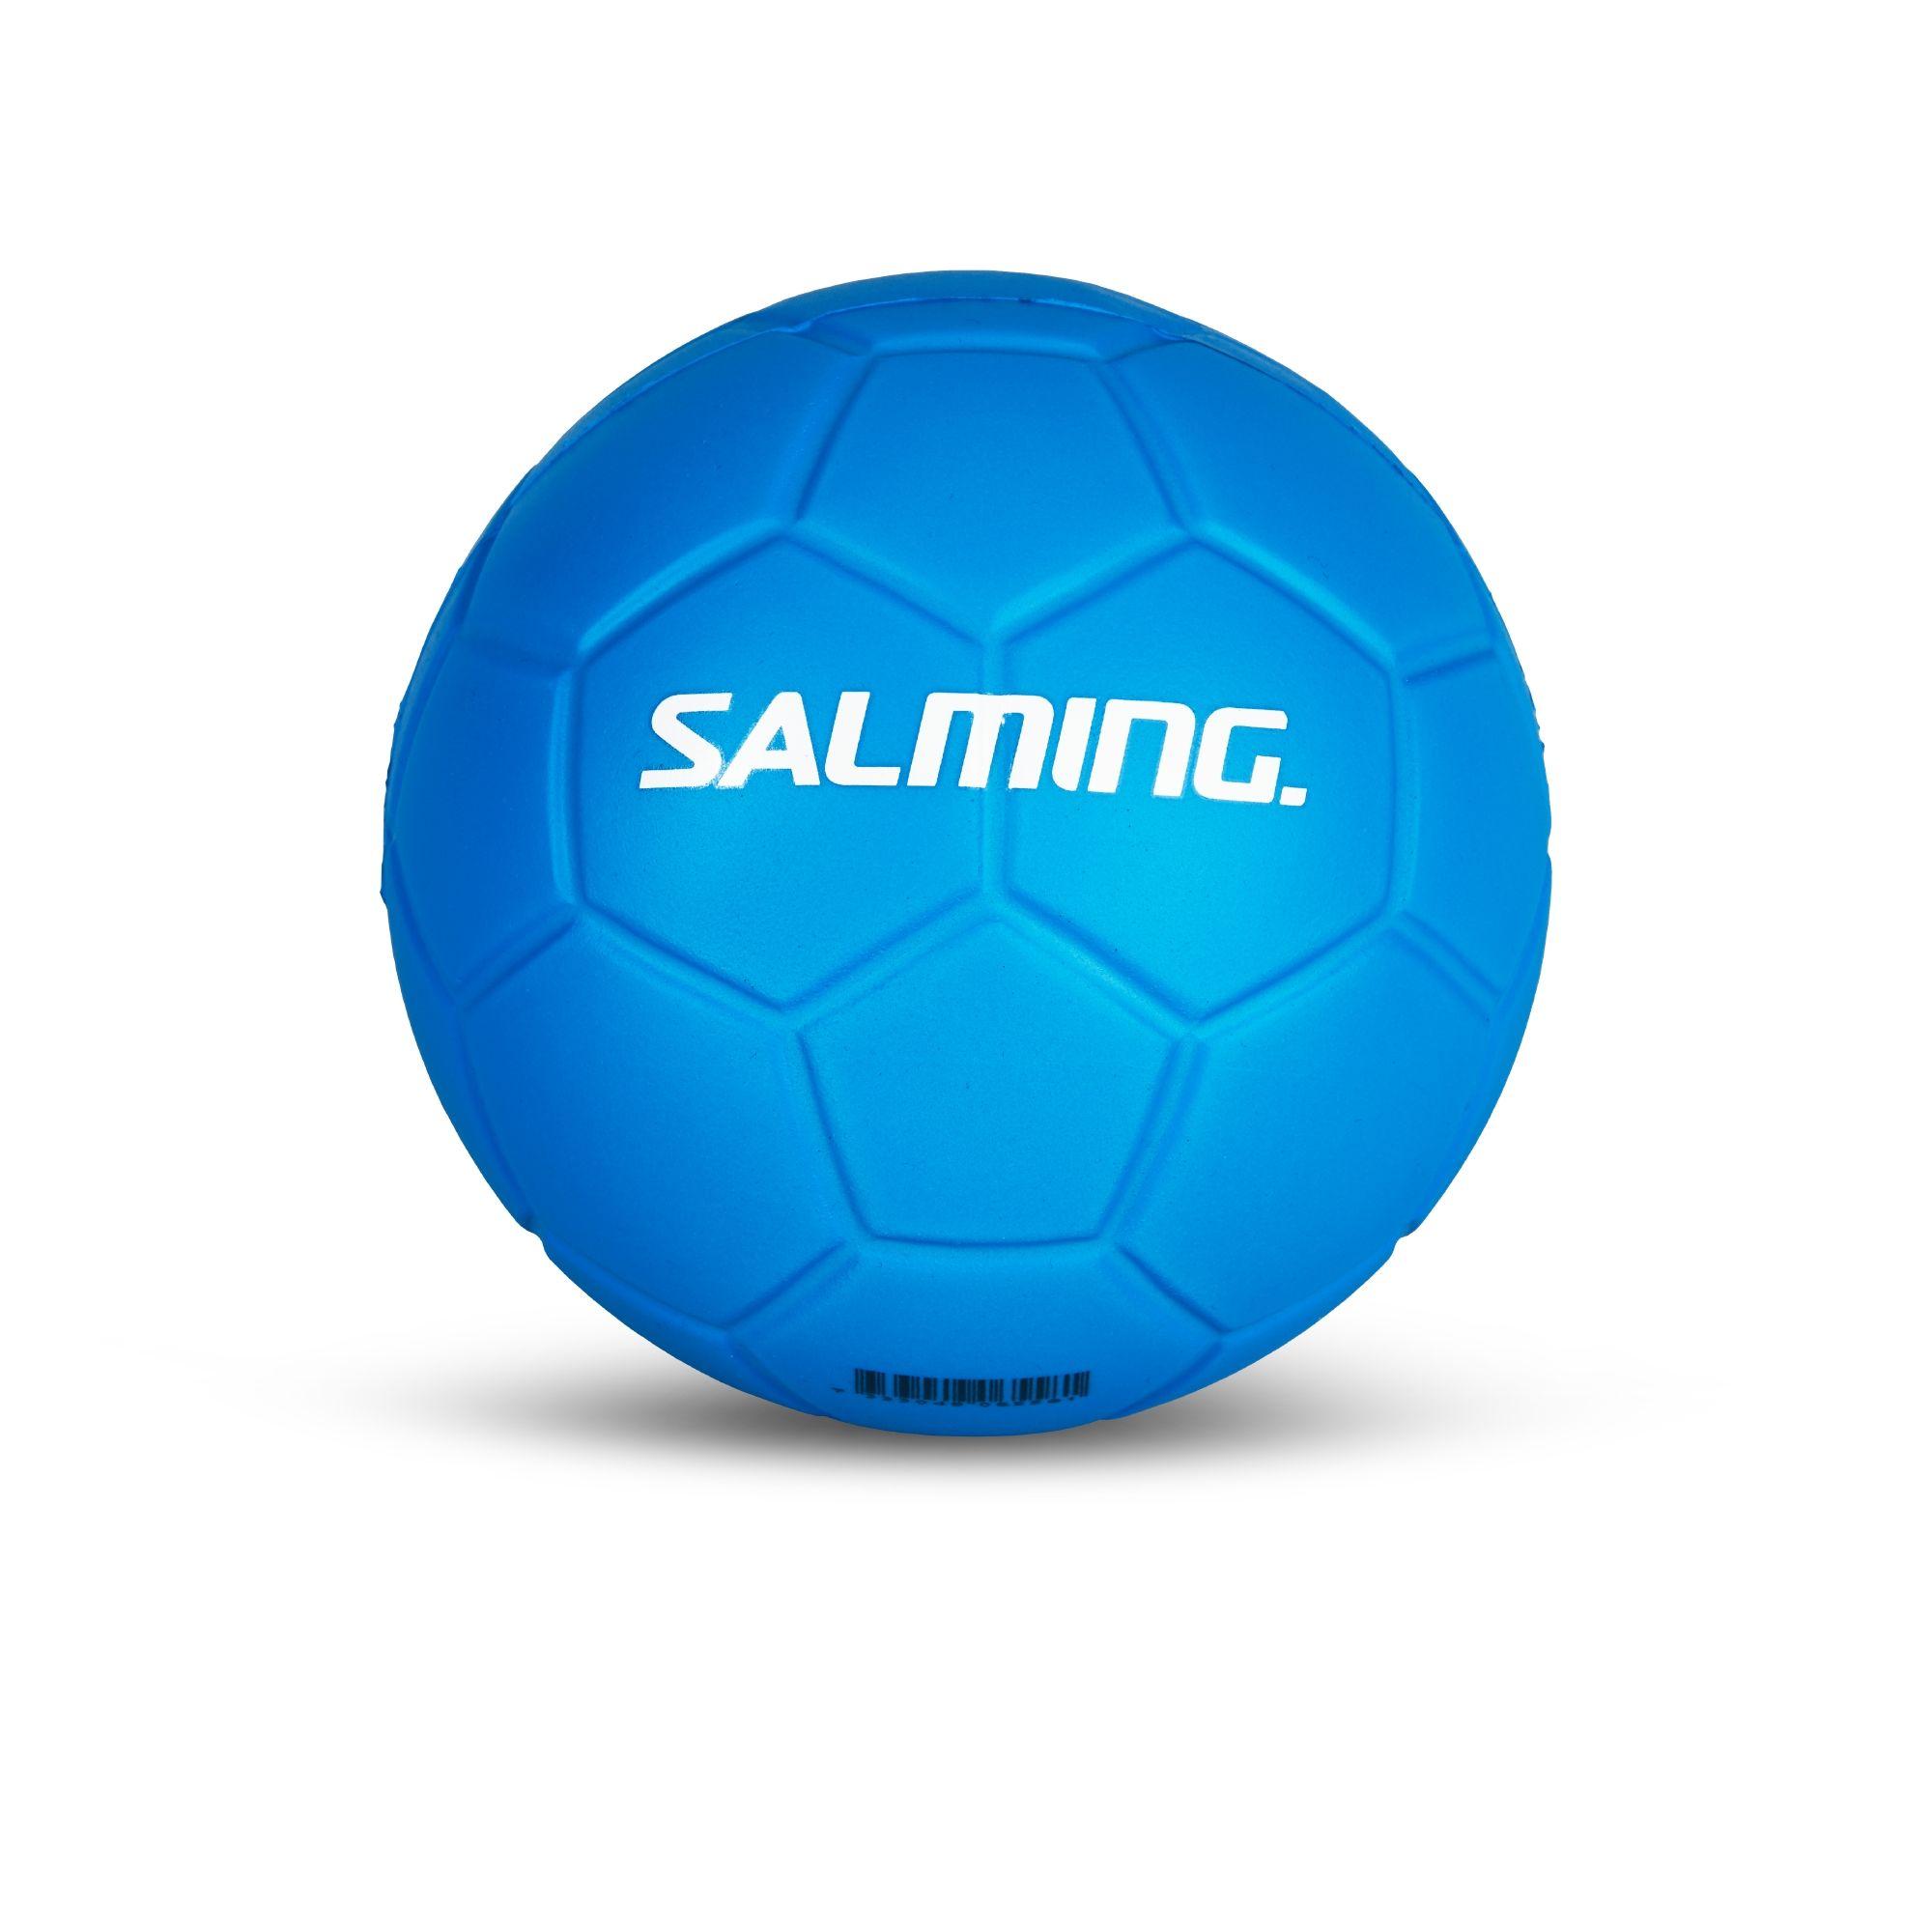 Salming Handboll Soft Foam, Blå